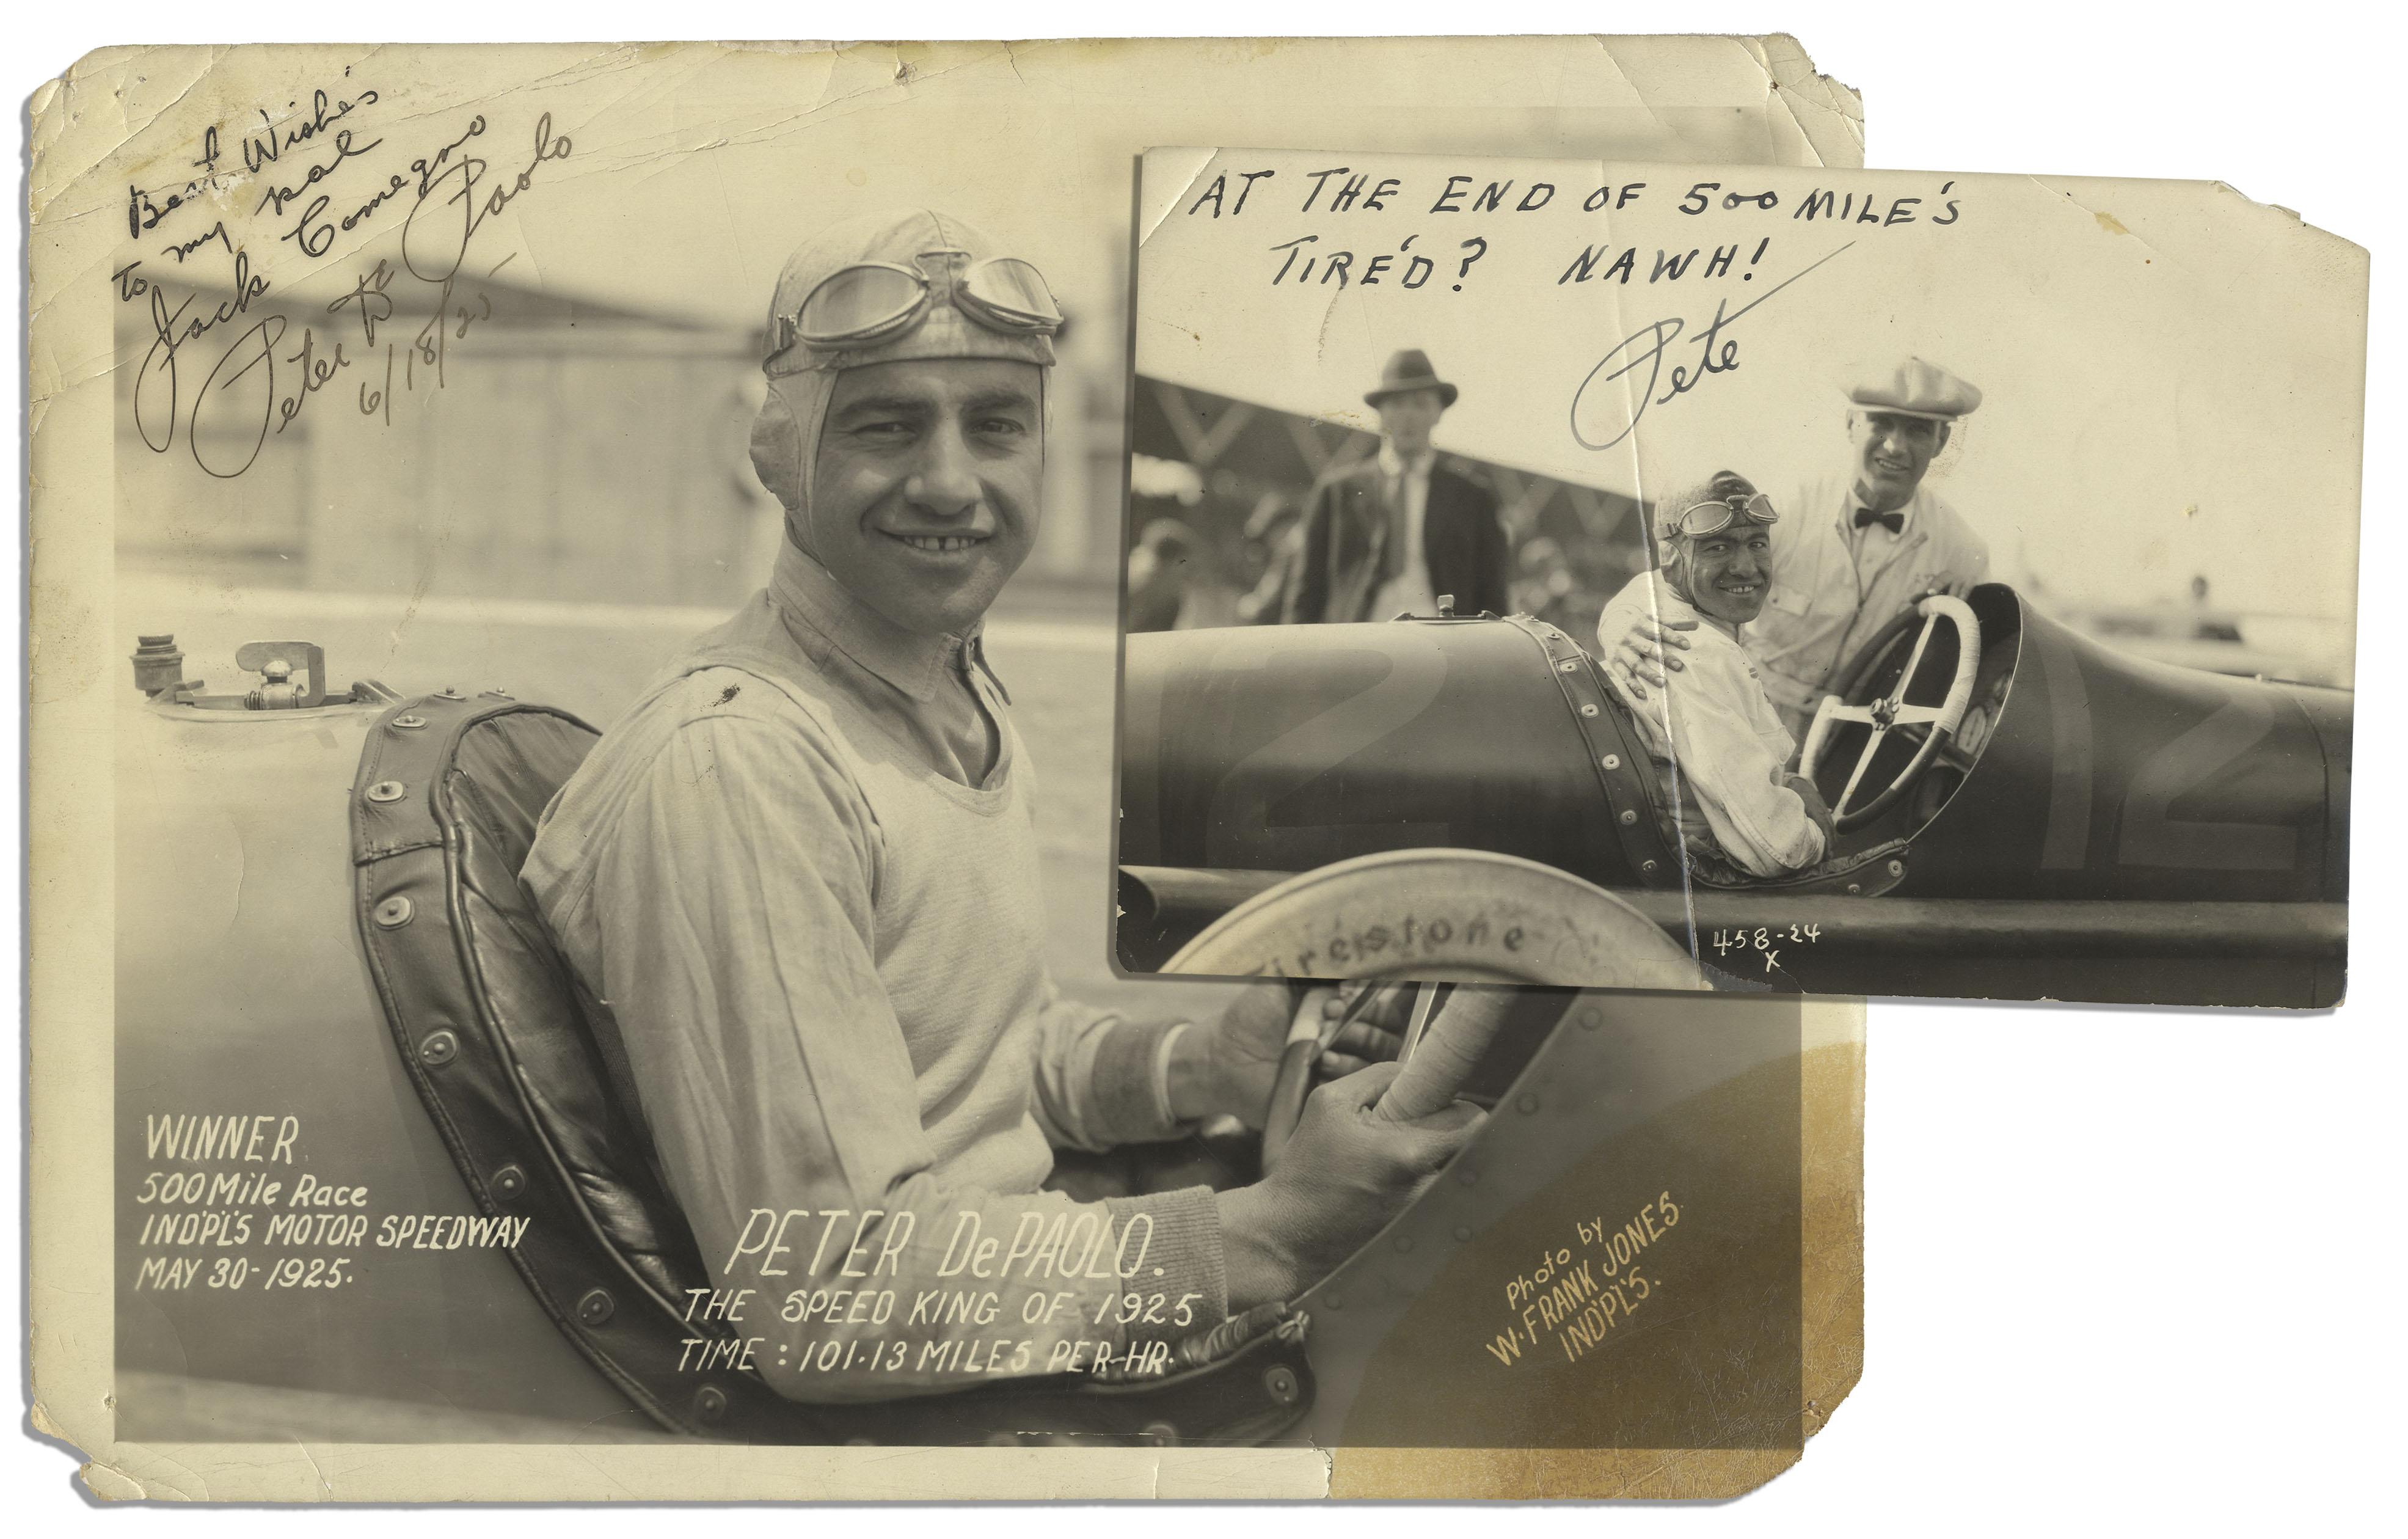 Indianapolis 500 Memorabilia